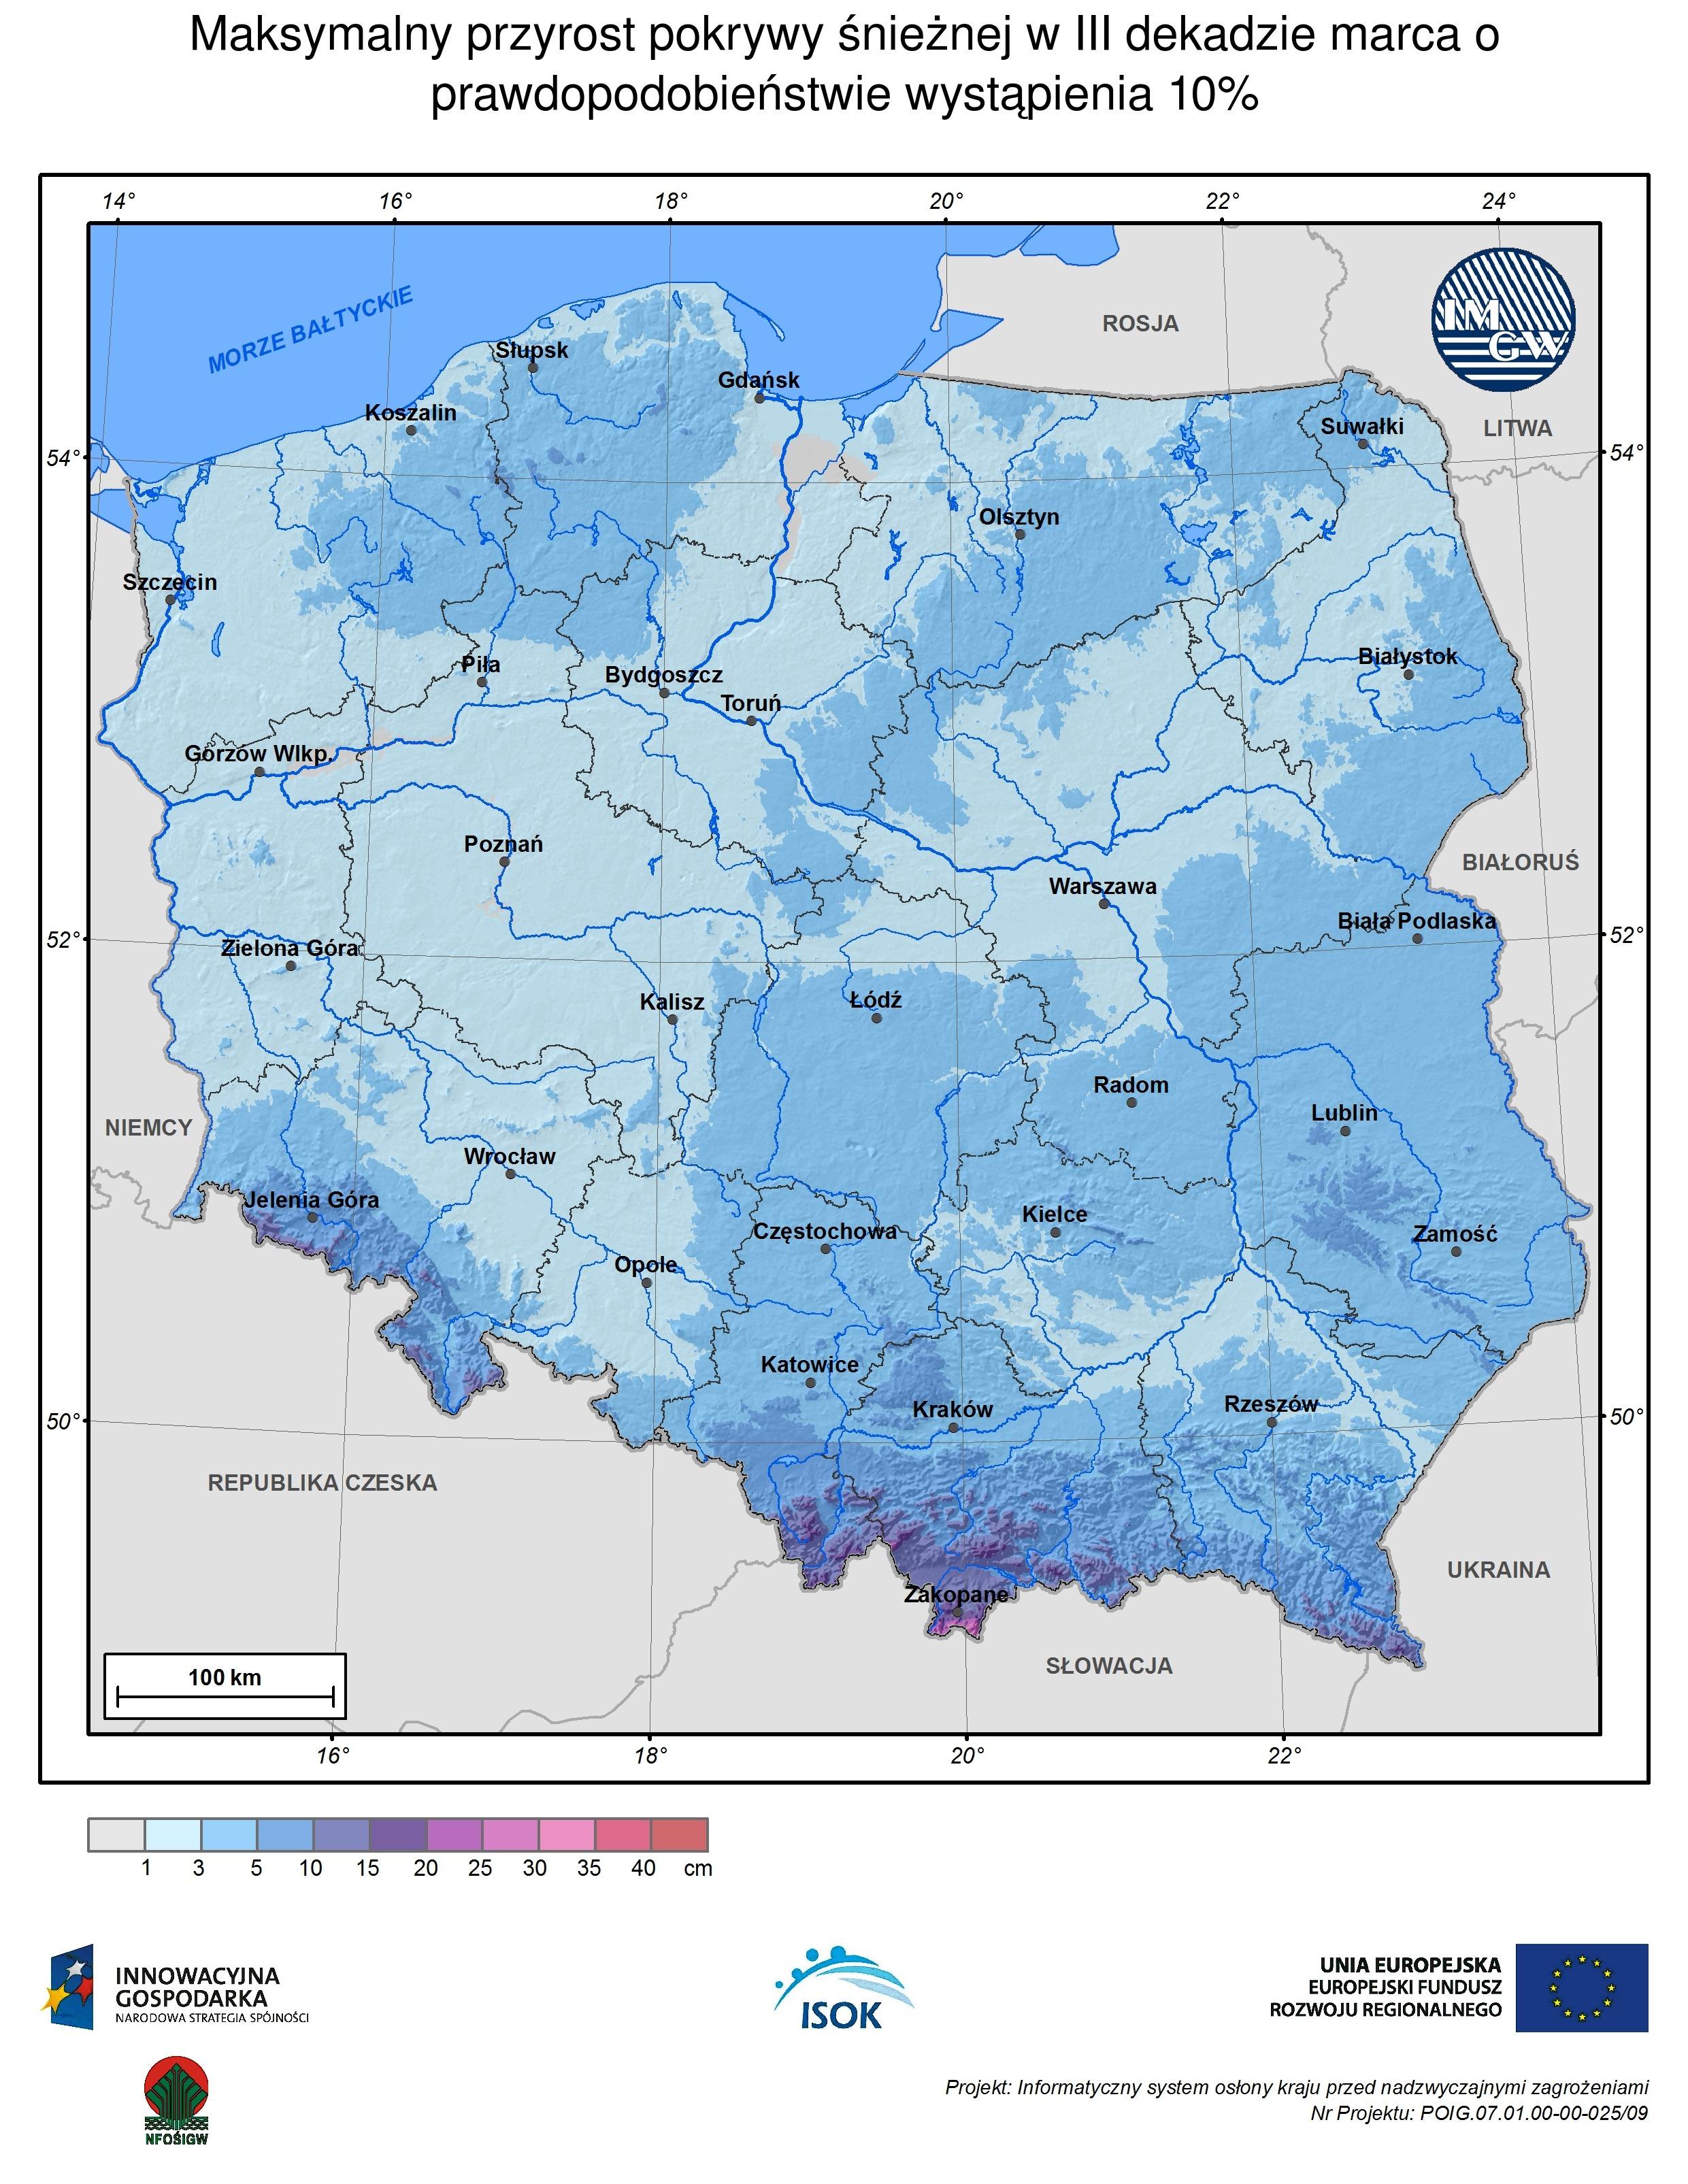 Maksymalny przyrost pokrywy śnieżnej w III dekadzie marca o prawdopodobieństwie wystąpienia 10%